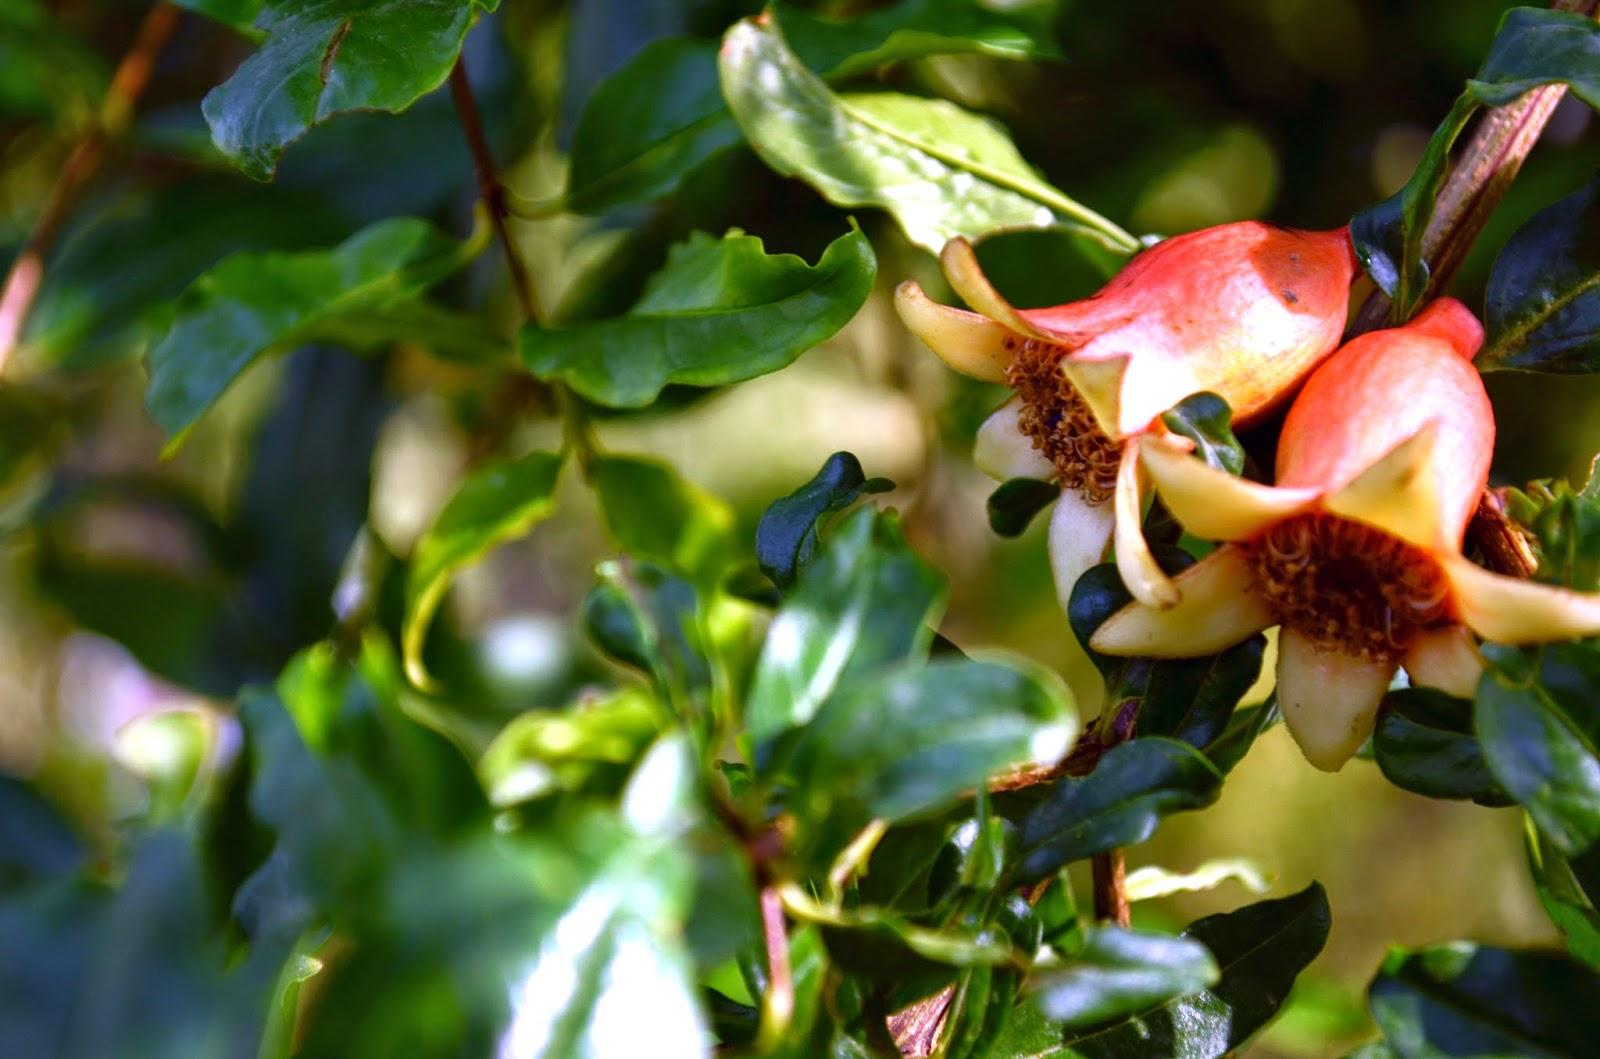 kite runner pomegranate tree